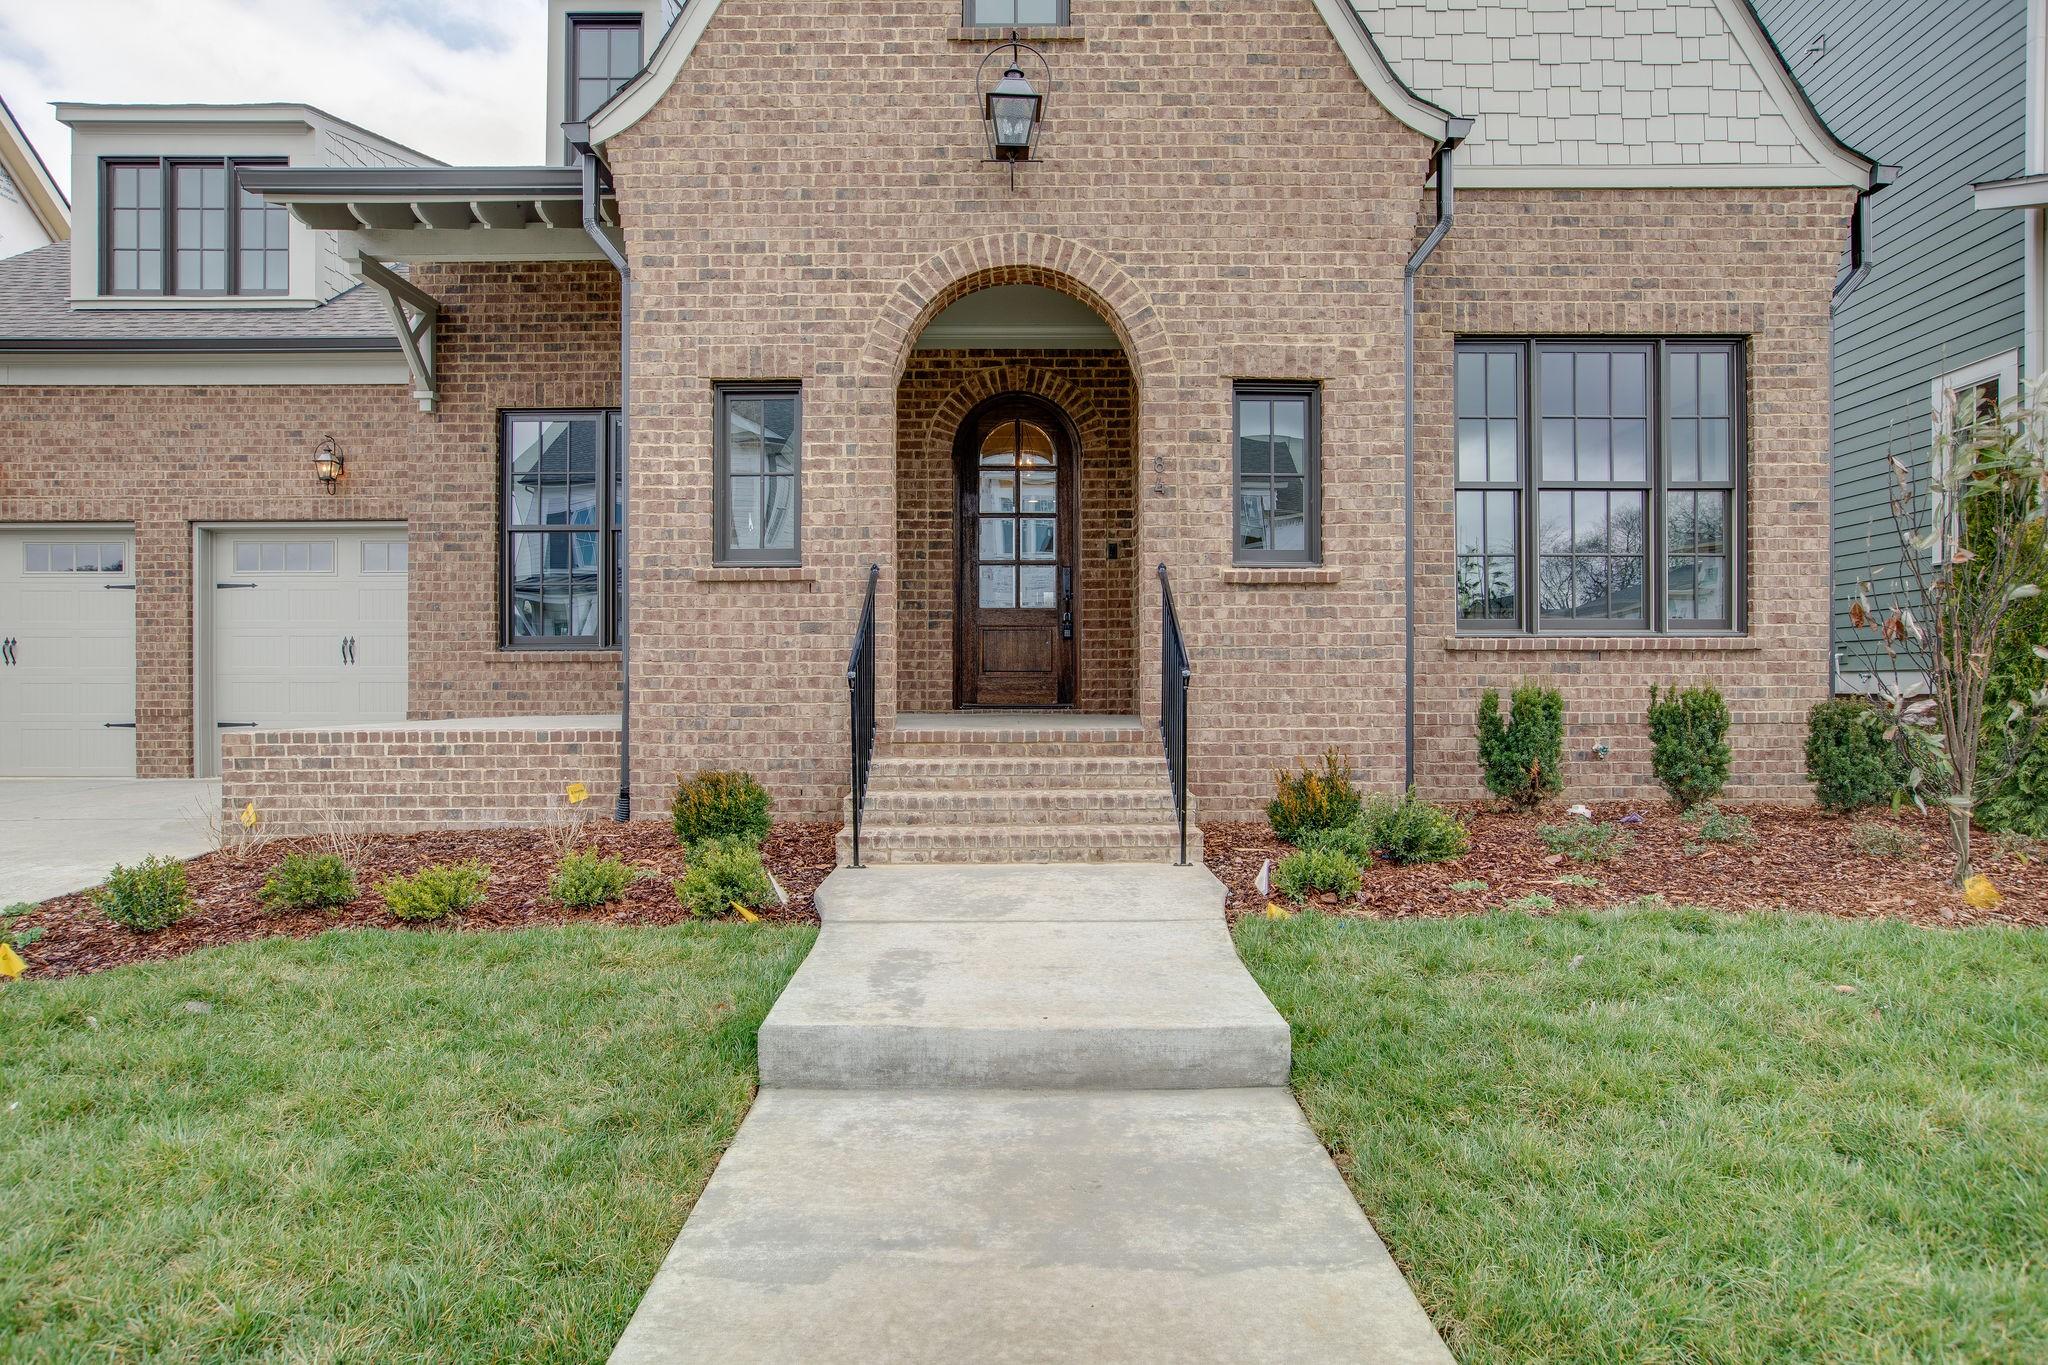 84 Glenrock Dr - Lot 202, Nashville, TN 37221 - Nashville, TN real estate listing